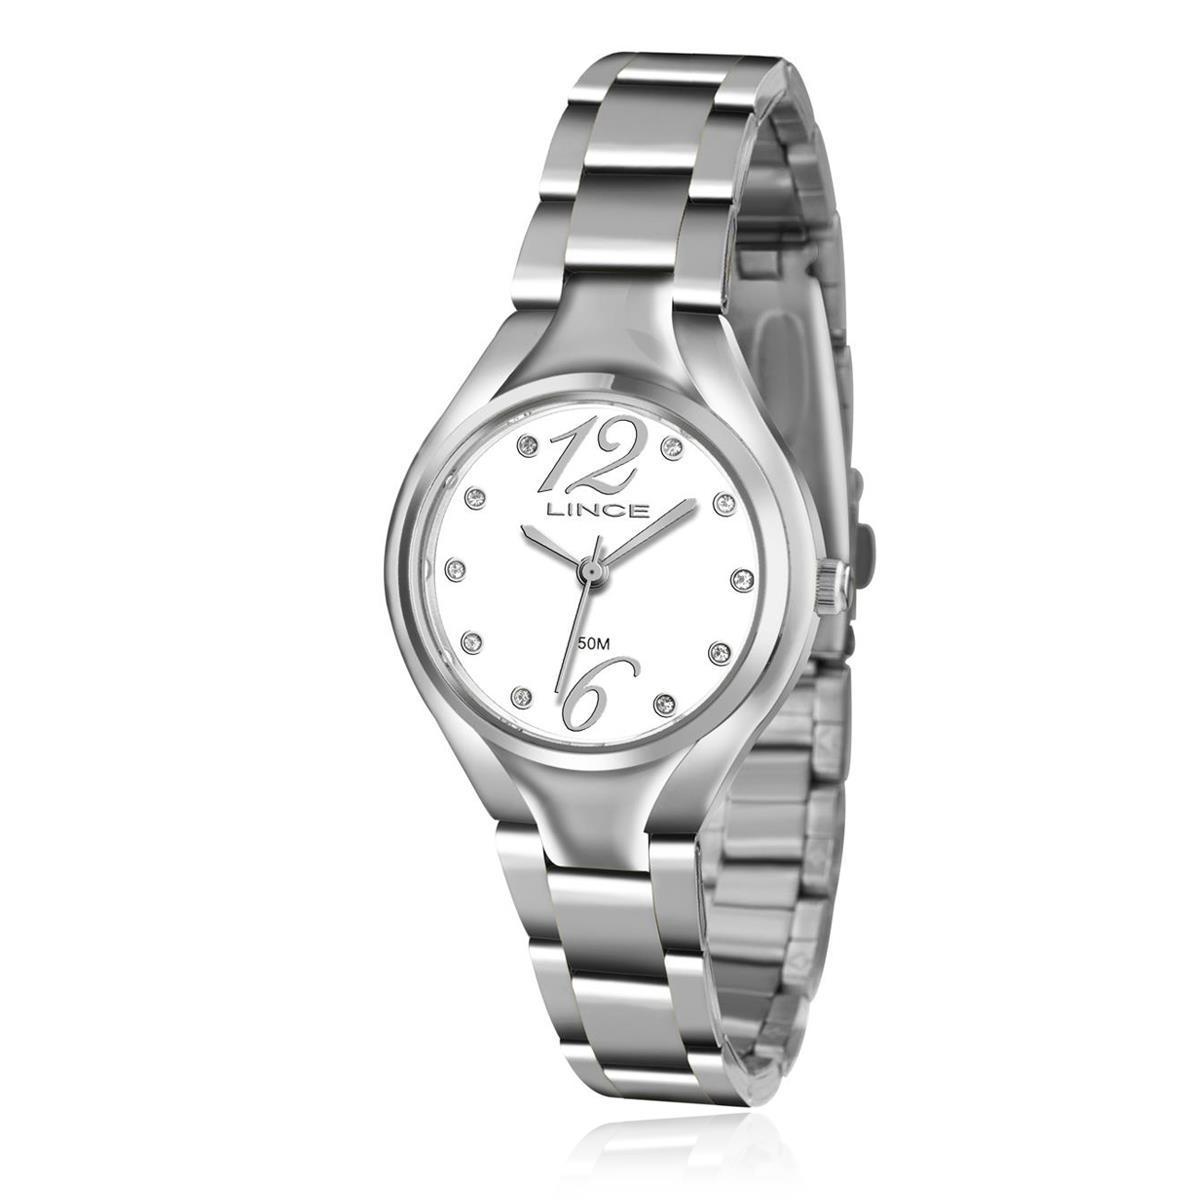 Relógio Feminino Lince Analógico LRMJ057L B2SX Aço R  135,00 à vista.  Adicionar à sacola 843a61b045